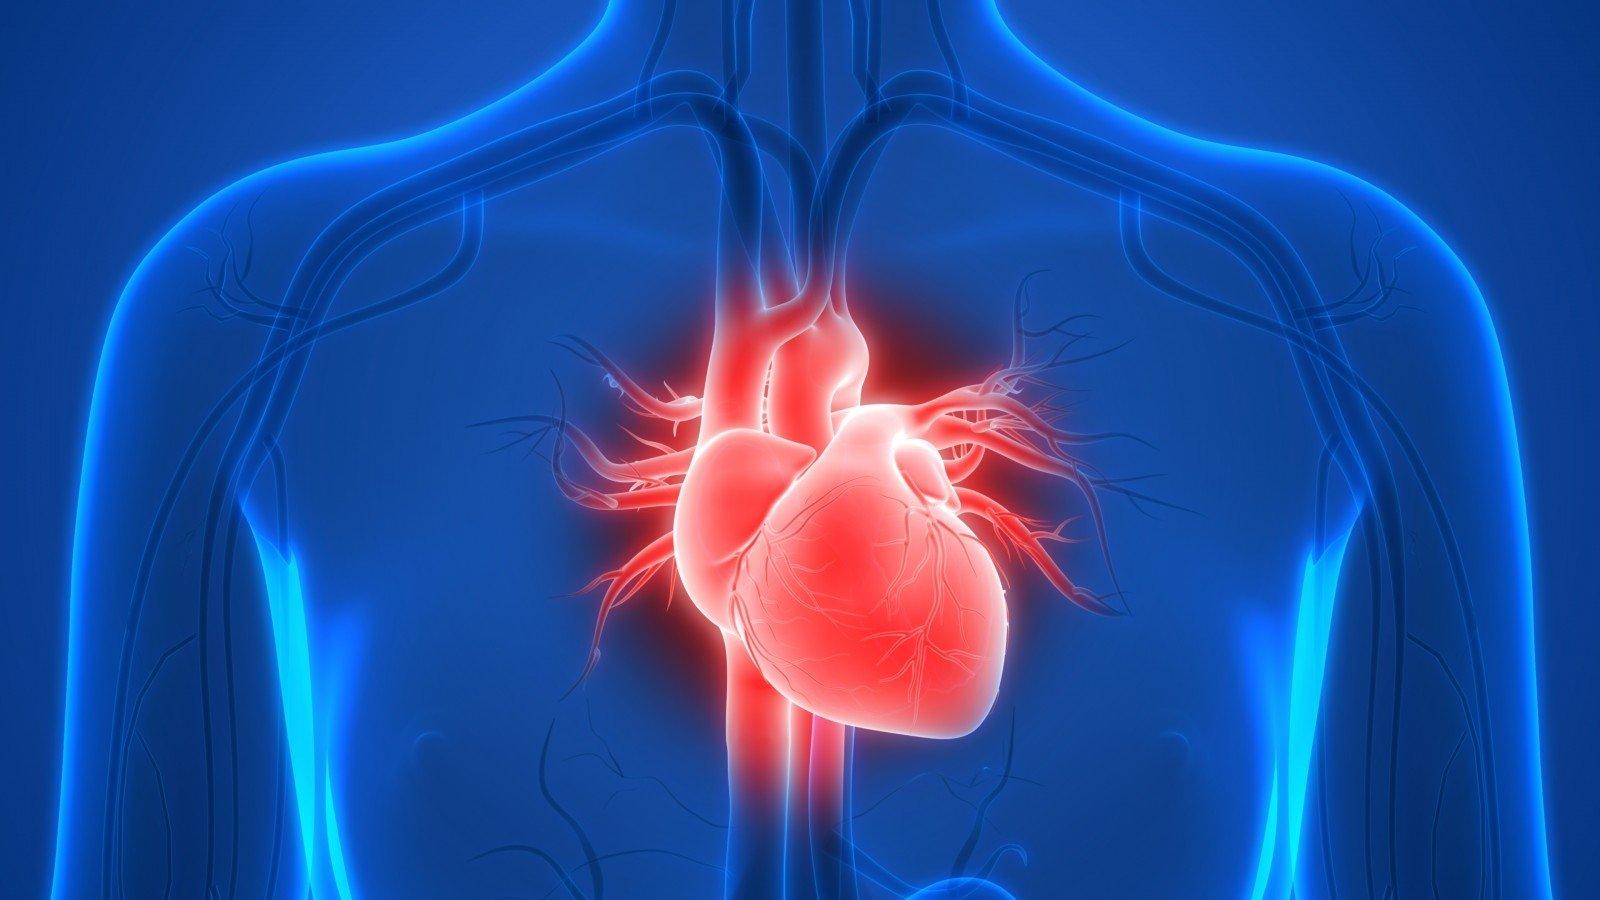 cirkuliacija bendra sveikata širdis)